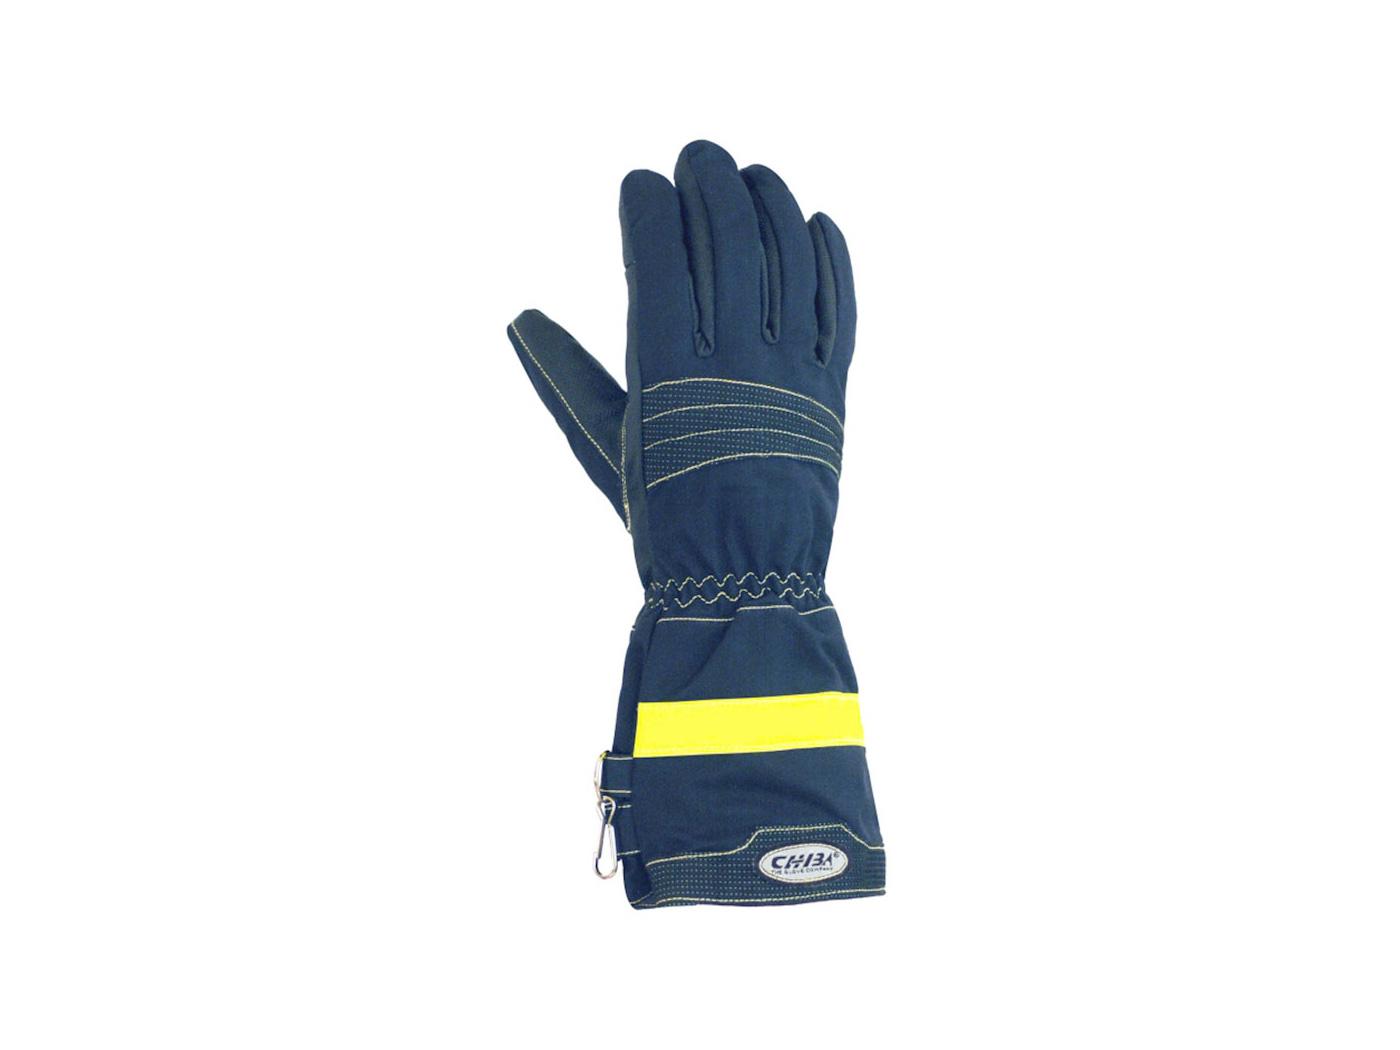 Fire Man Gloves